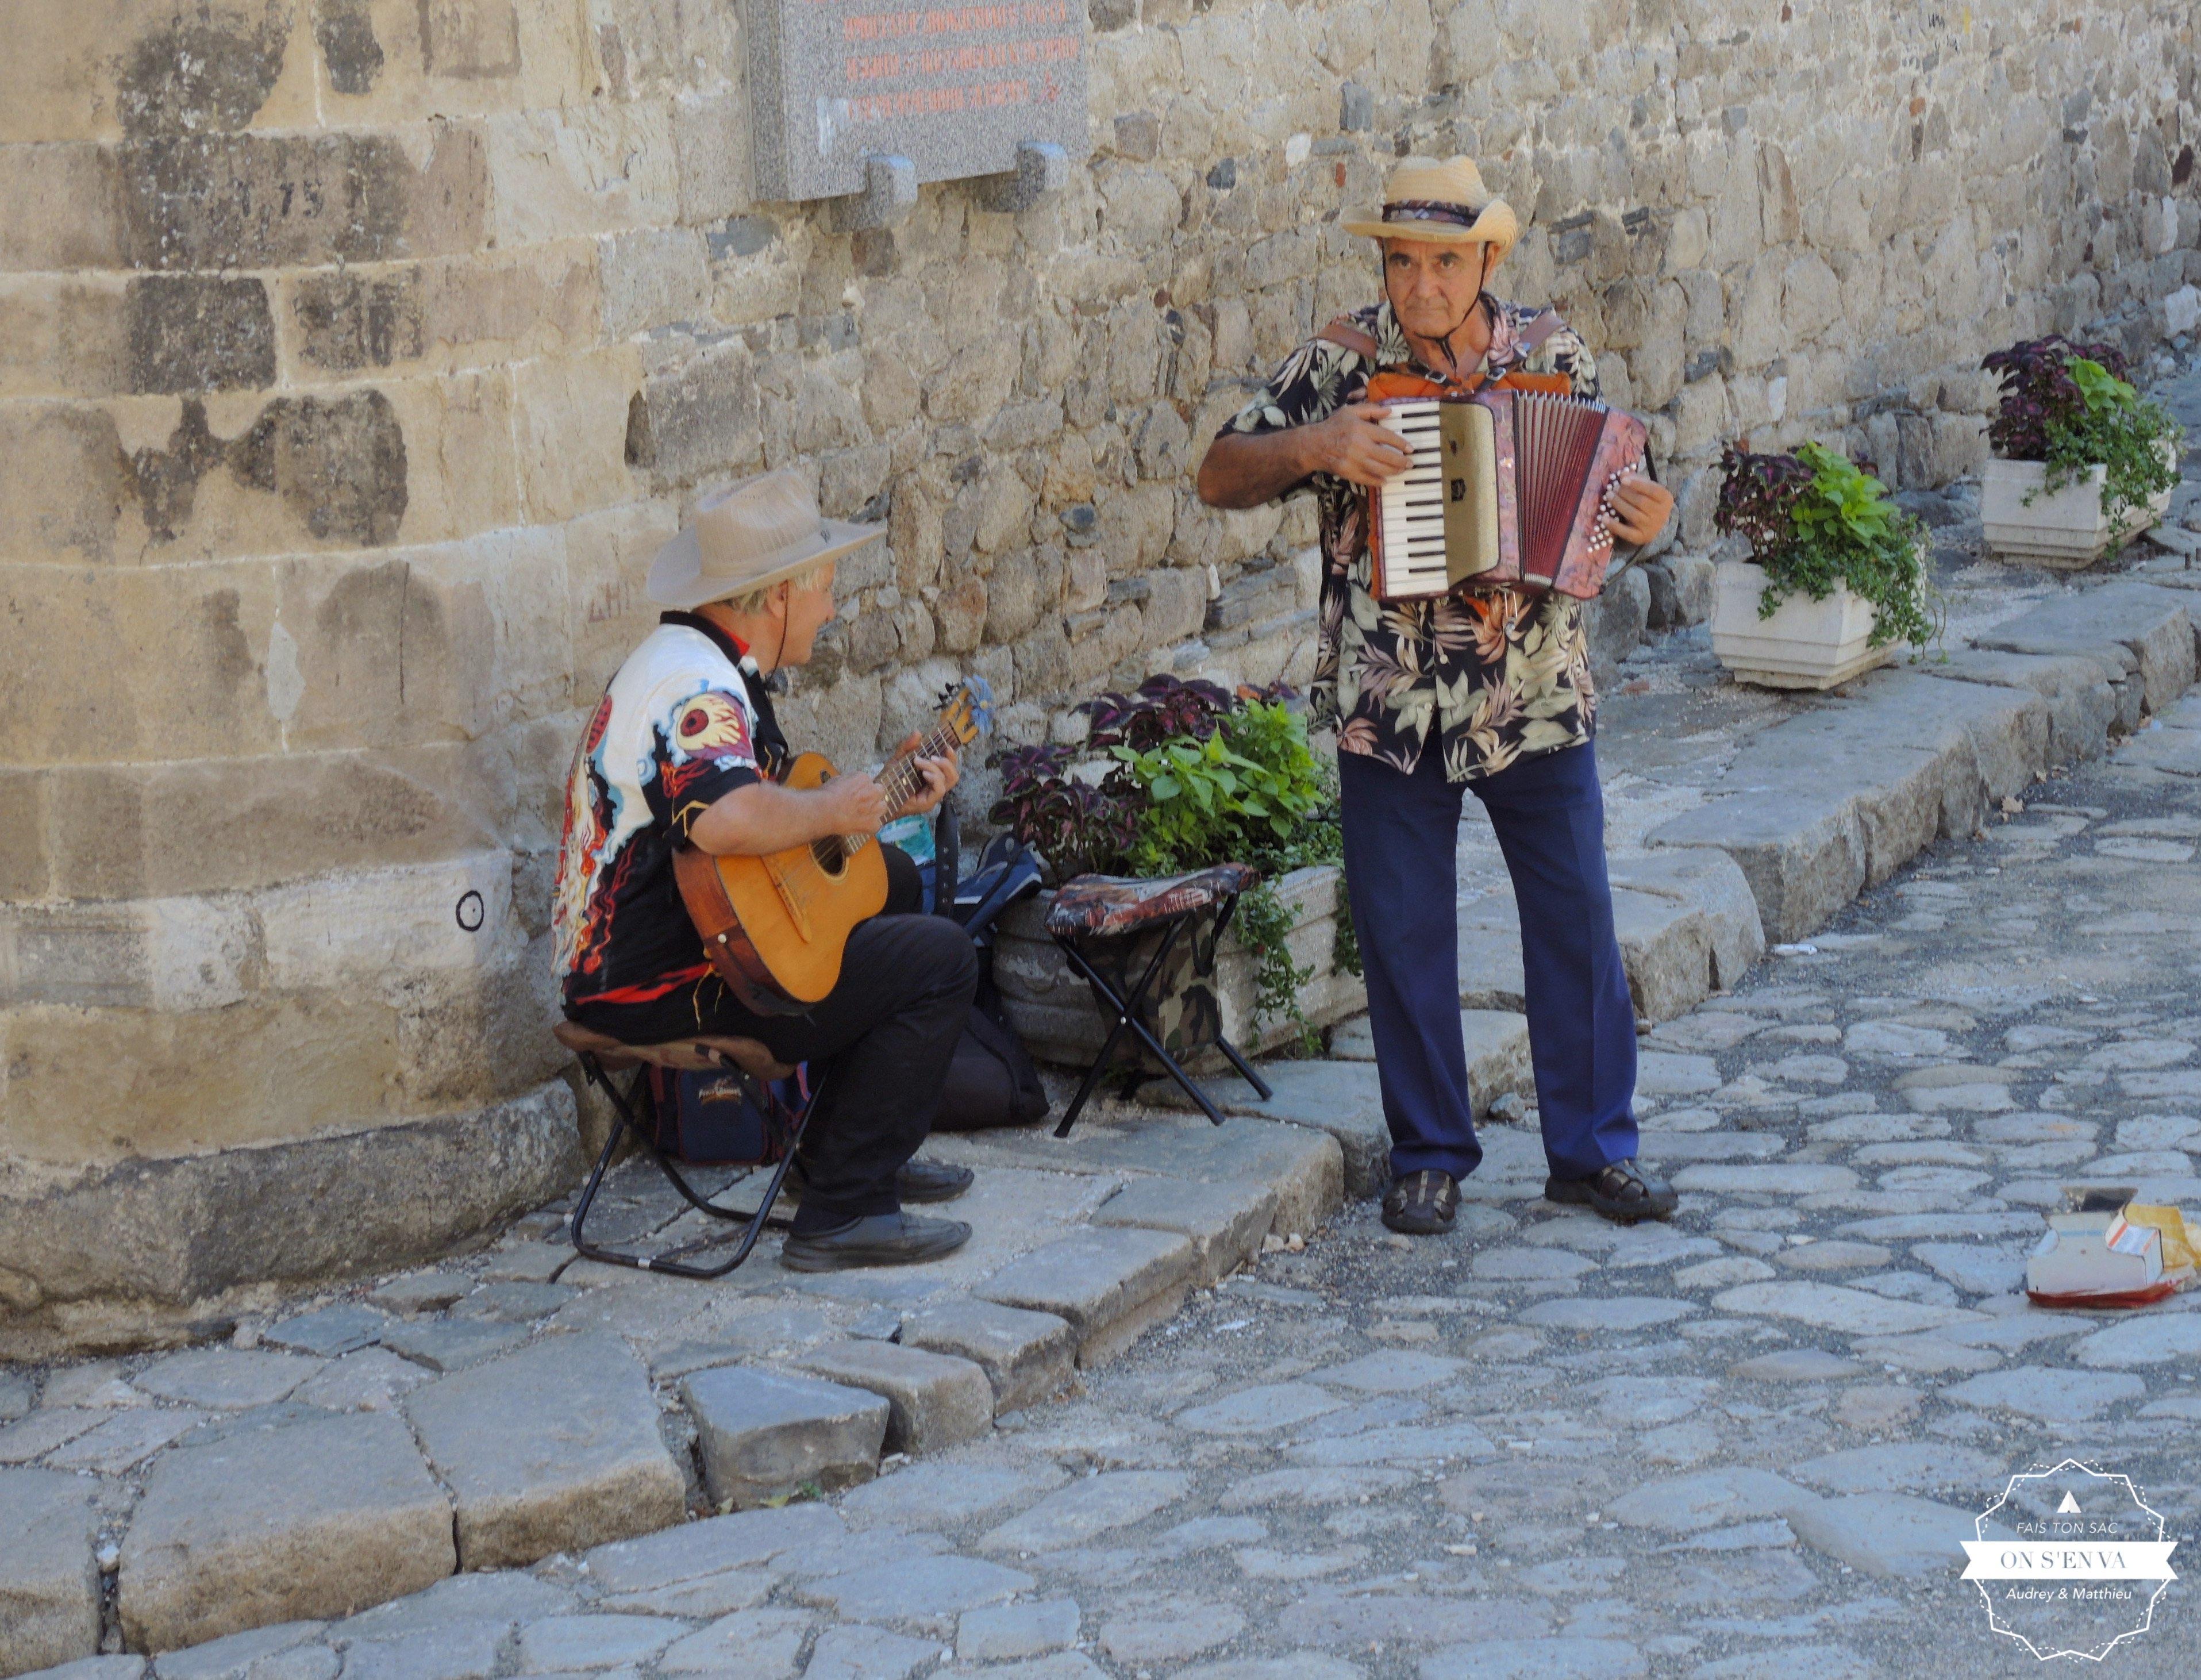 Ambiance dans la vieille ville